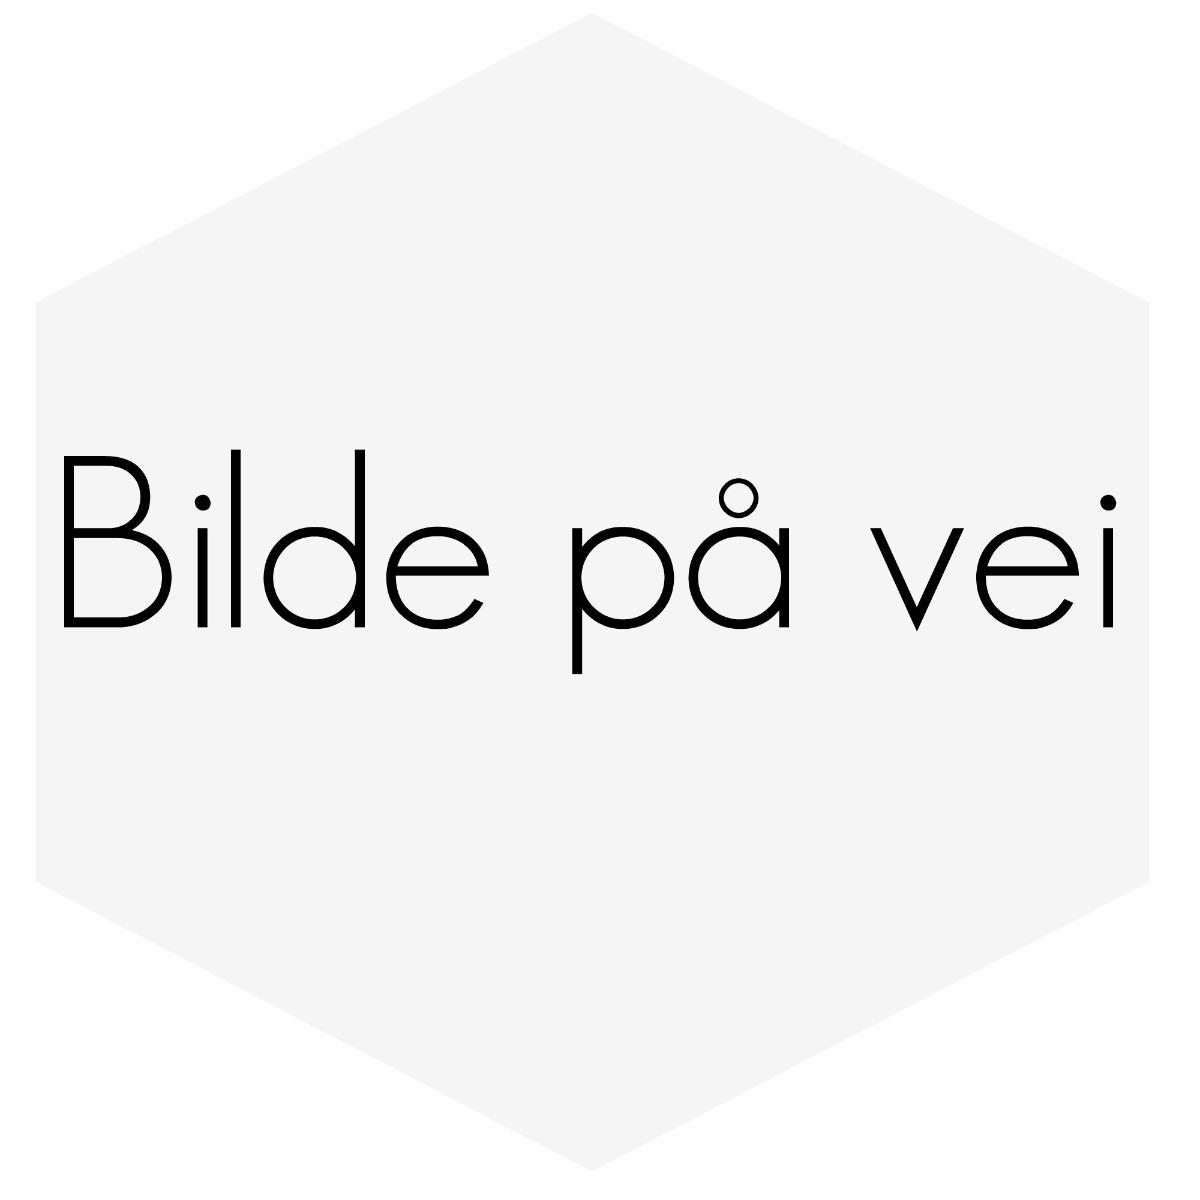 STØTDEMPER FORAN VENSTRE VOLVO 400 SERIEN